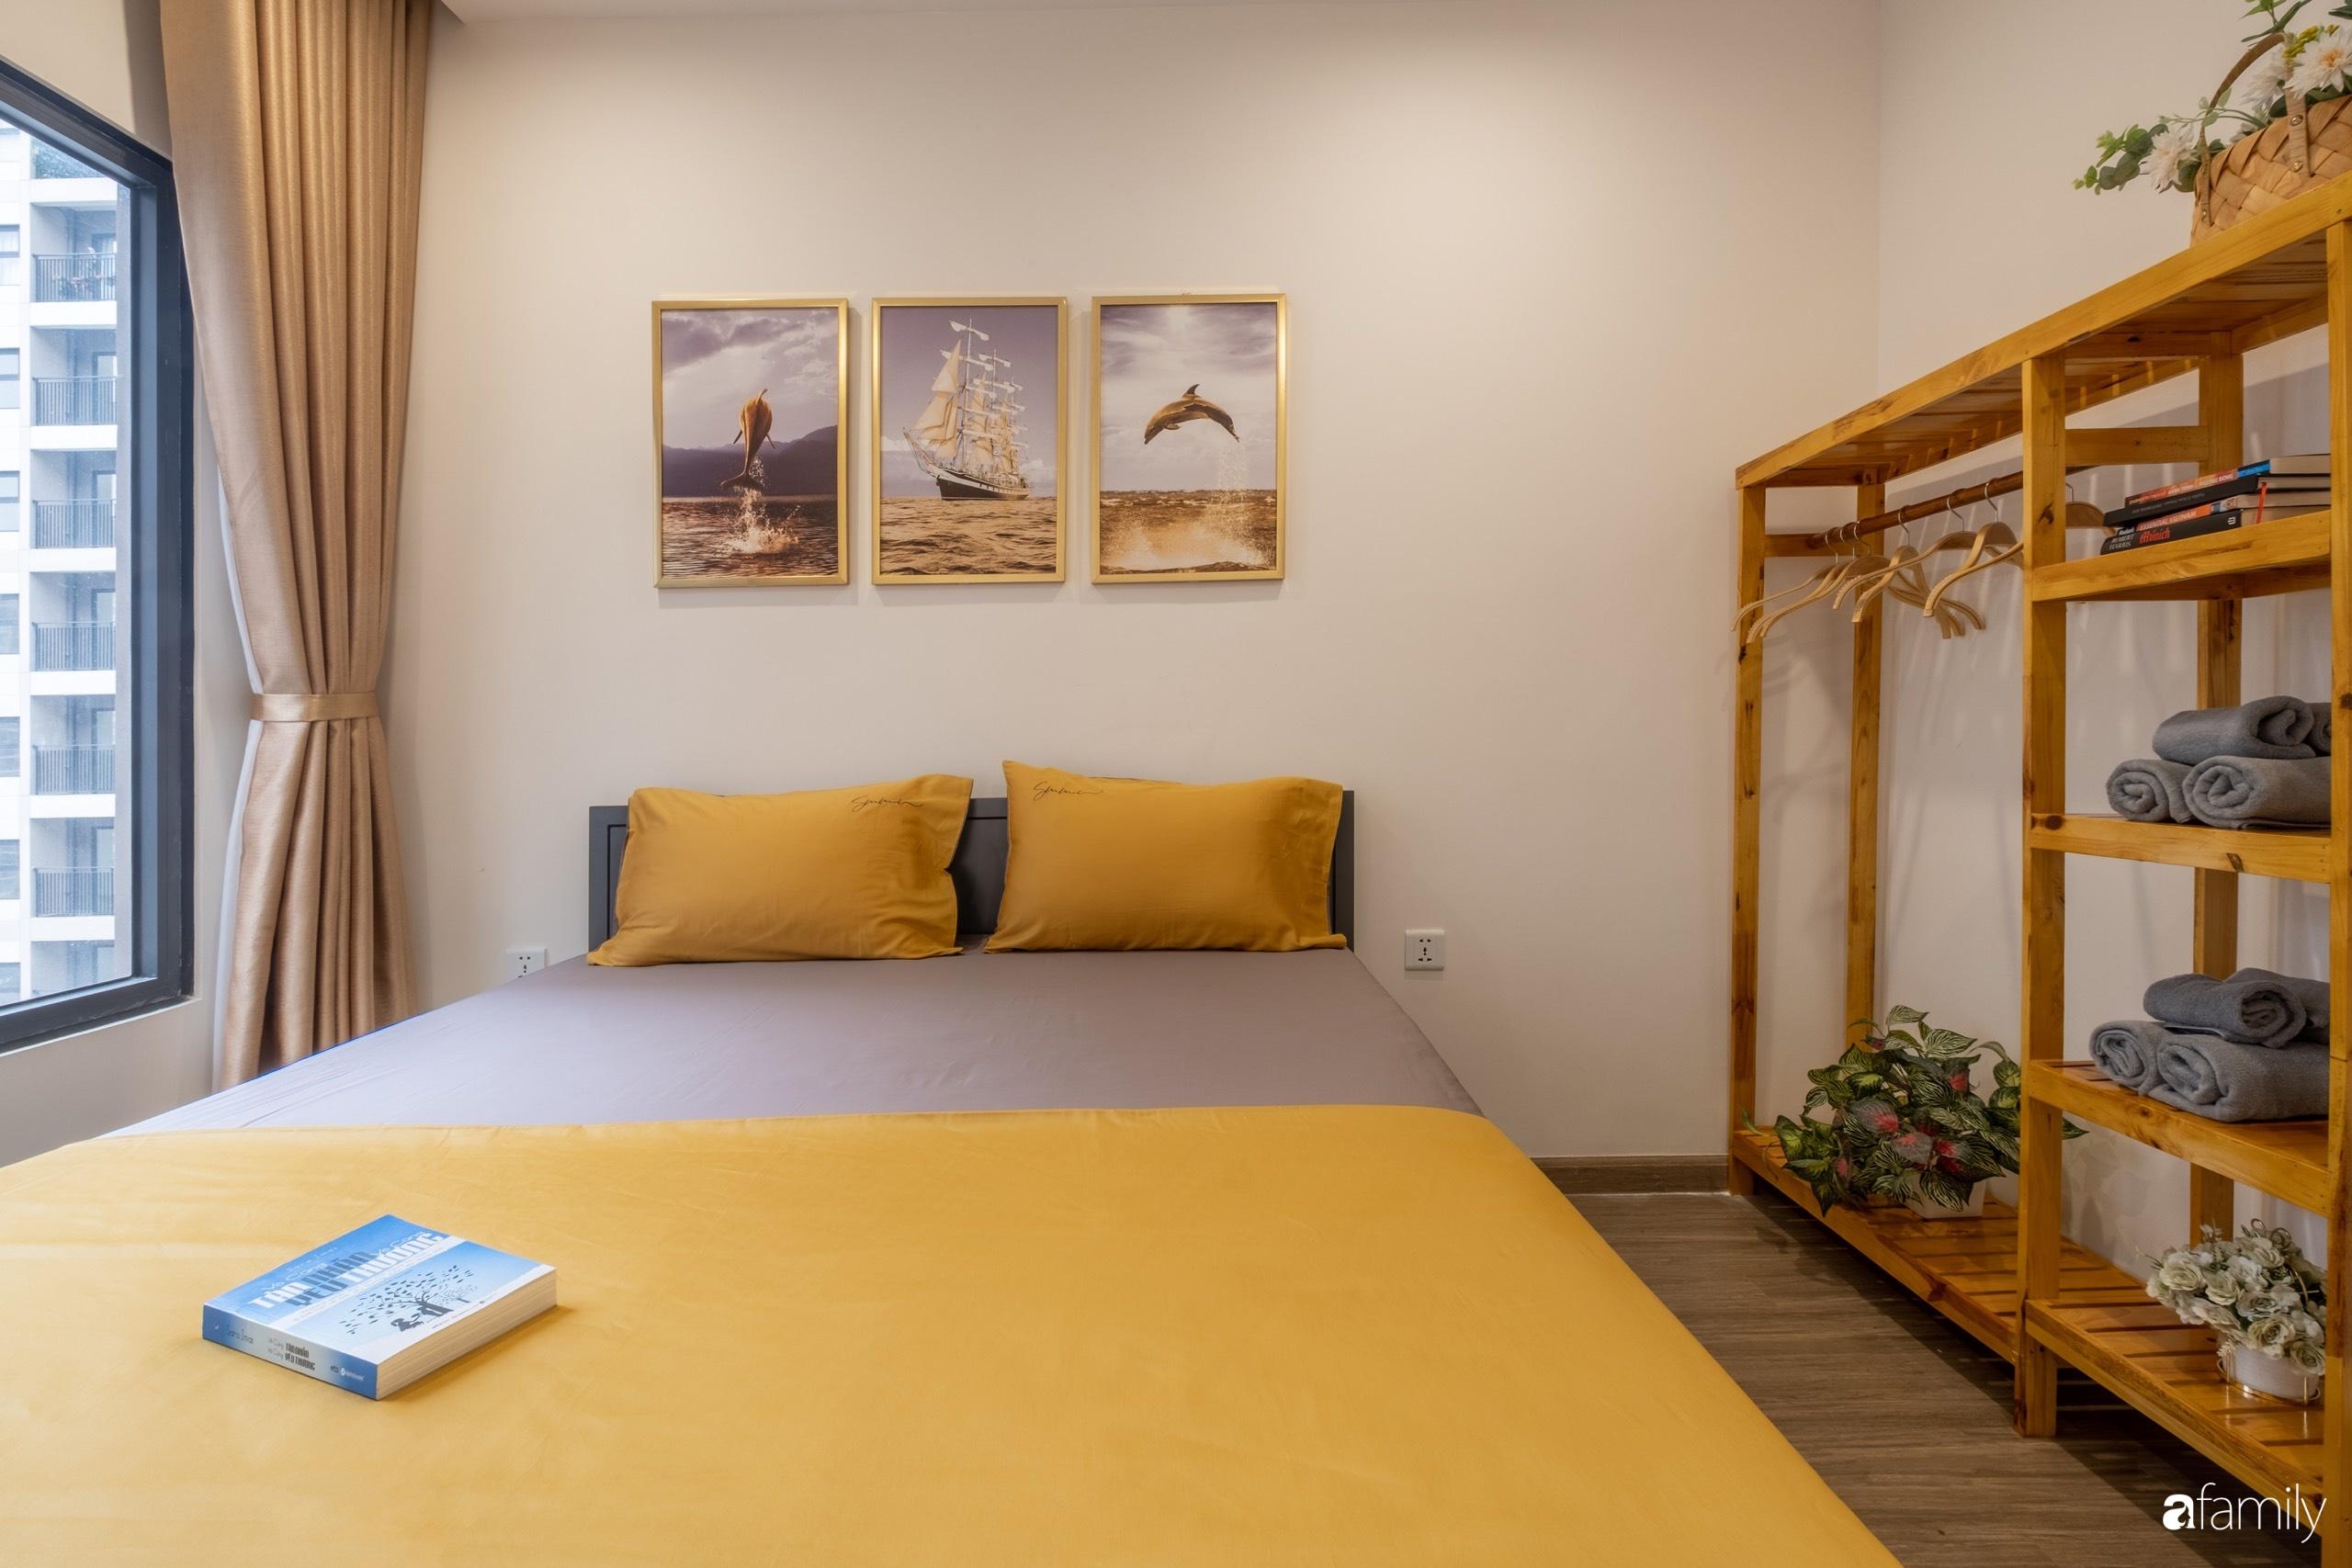 Căn hộ 54m² đẹp cuốn hút với tông màu xanh gần gũi với thiên nhiên có chi phí hoàn thiện nội thất 150 triệu đồng ở Hà Nội - Ảnh 12.